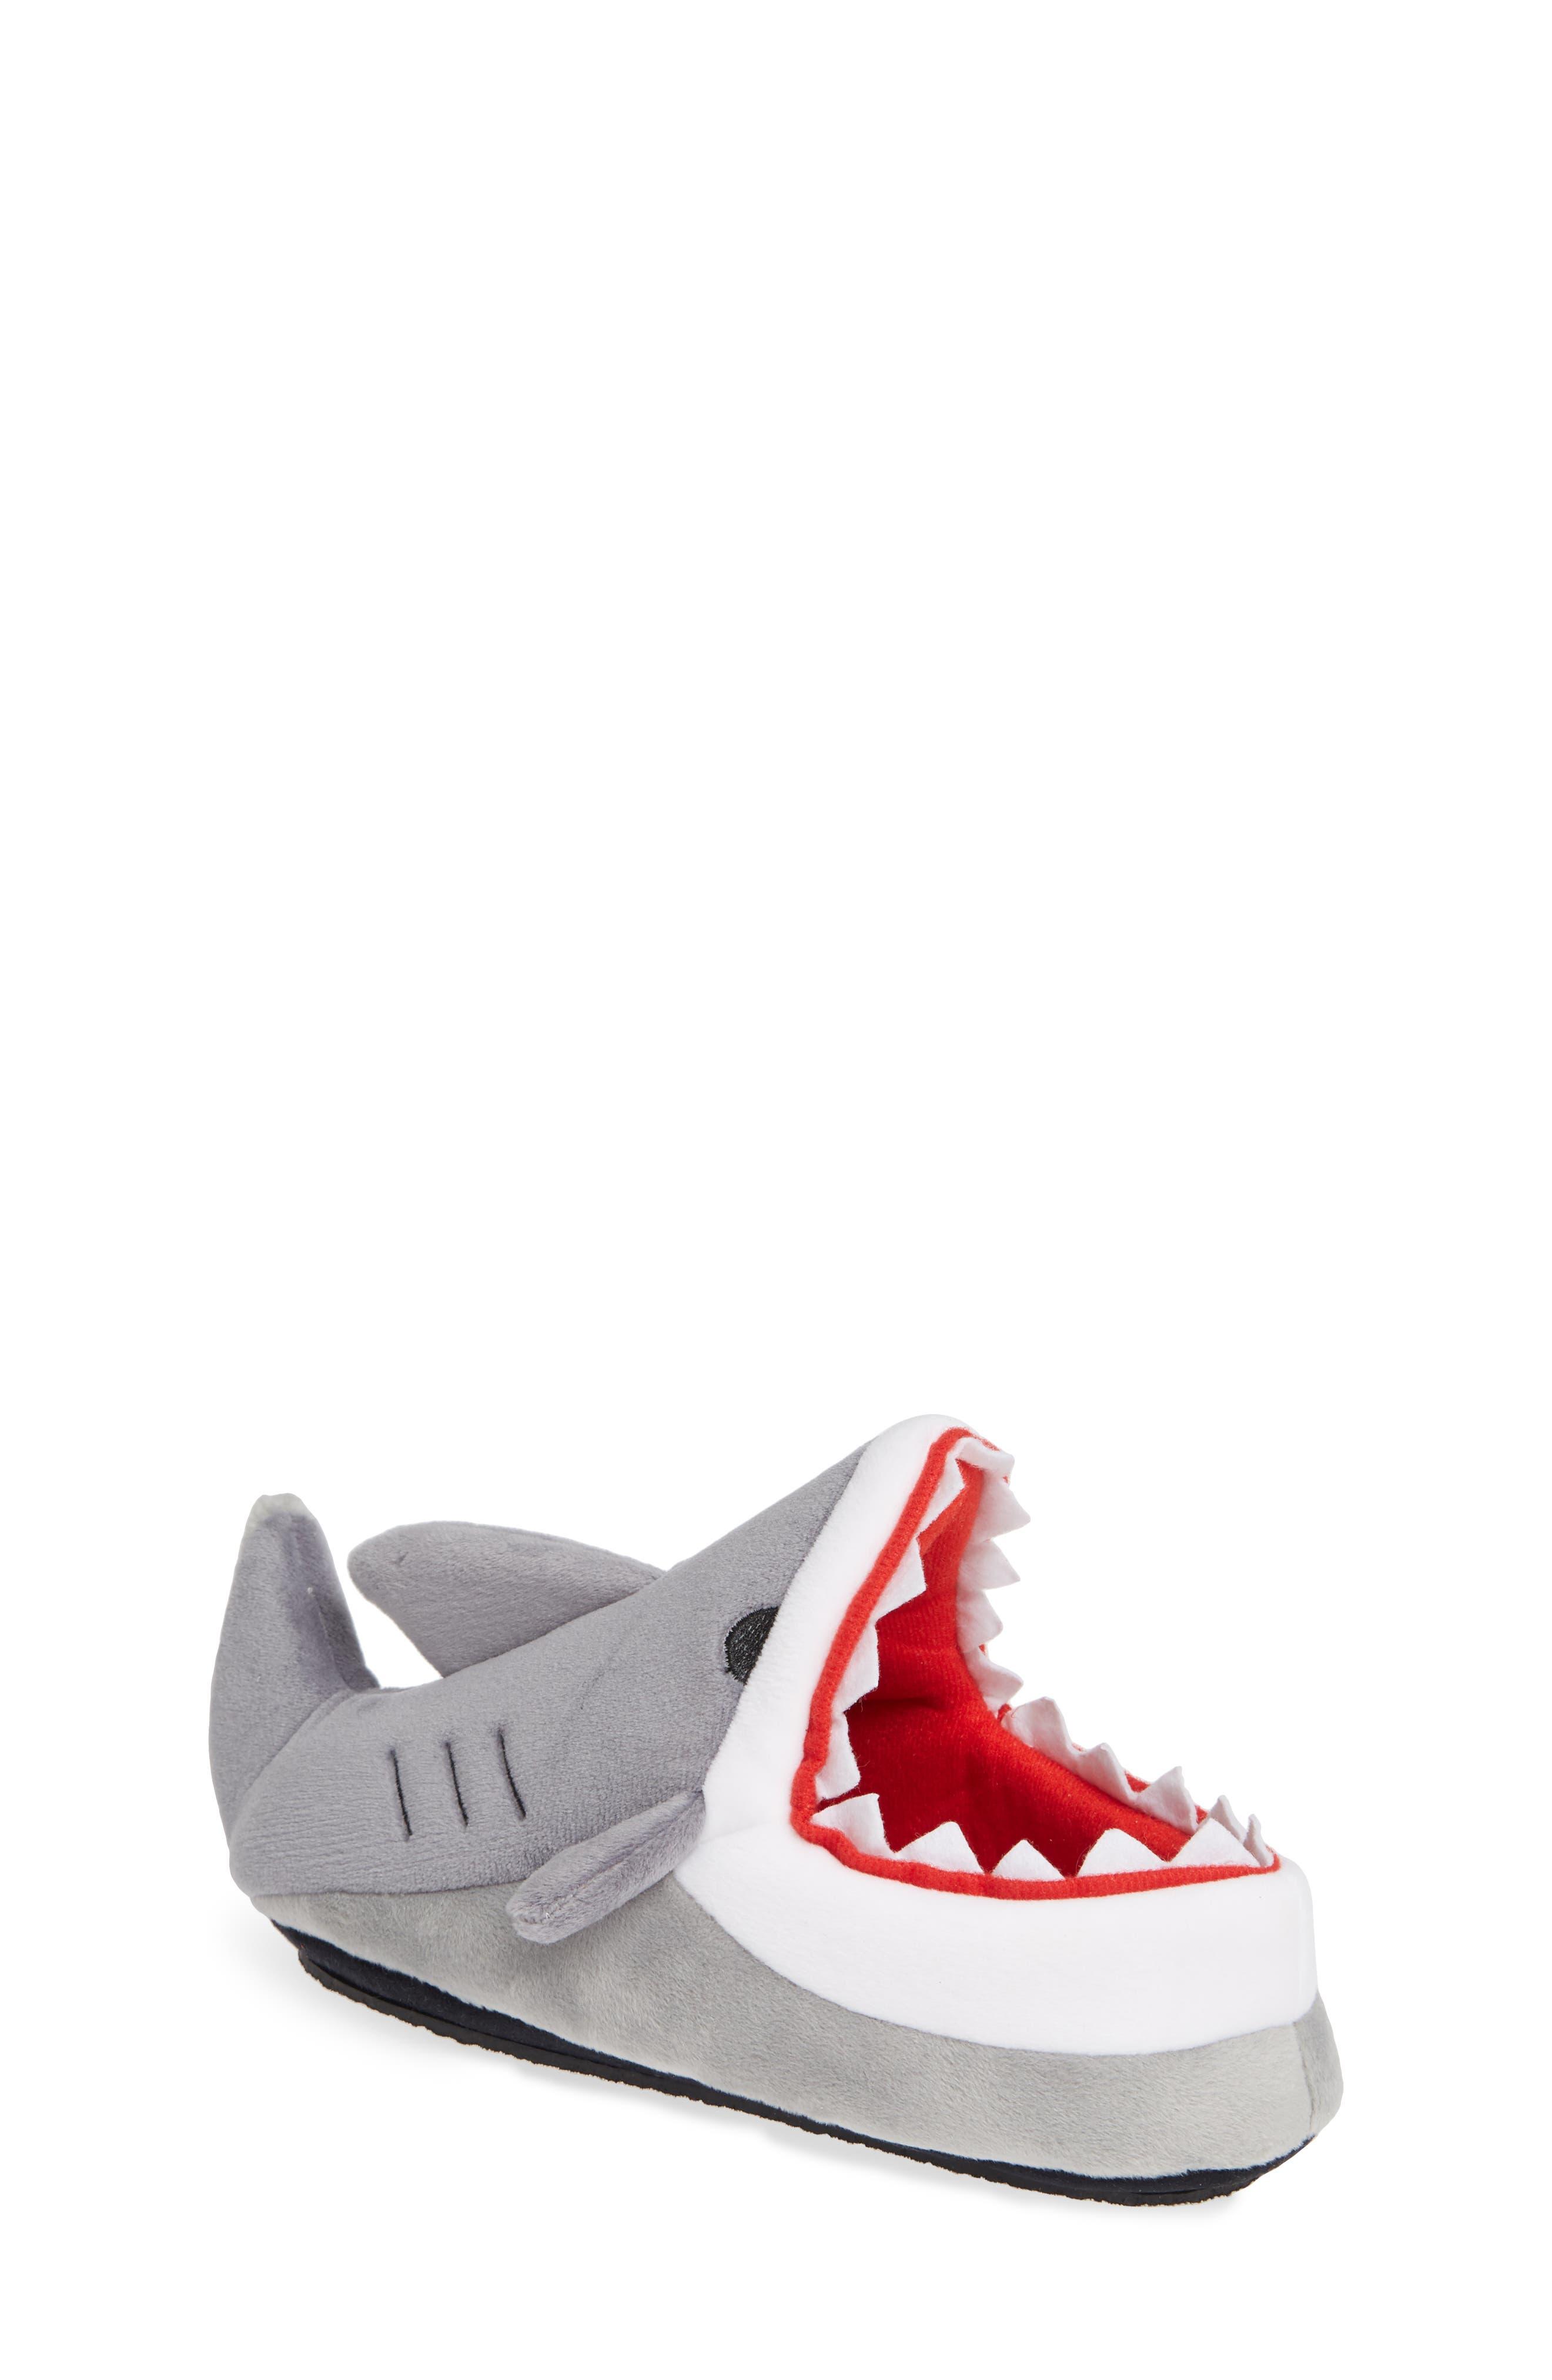 Shark Slipper,                             Alternate thumbnail 2, color,                             020